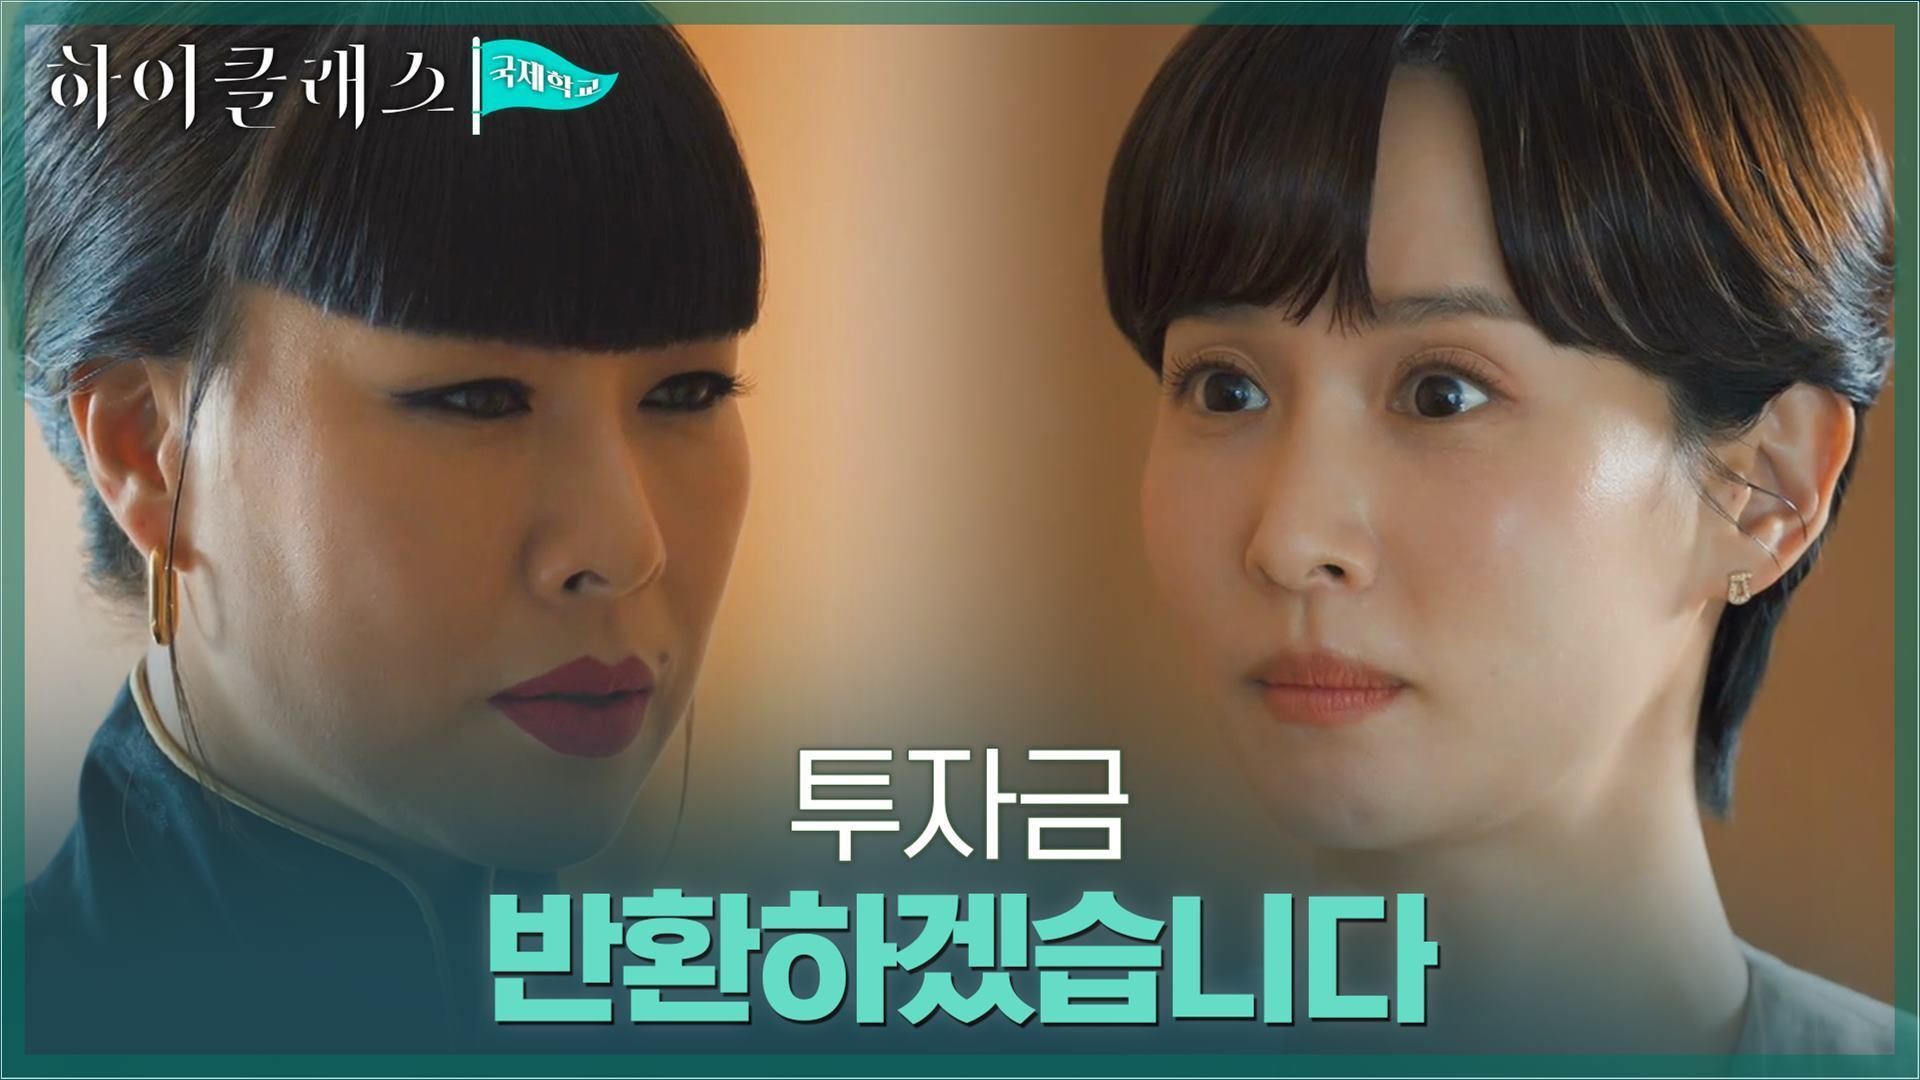 홍콩 자본에 넘어가는 국제학교, 강경 대응 나선 조여정X김지수 | tvN 211025 방송